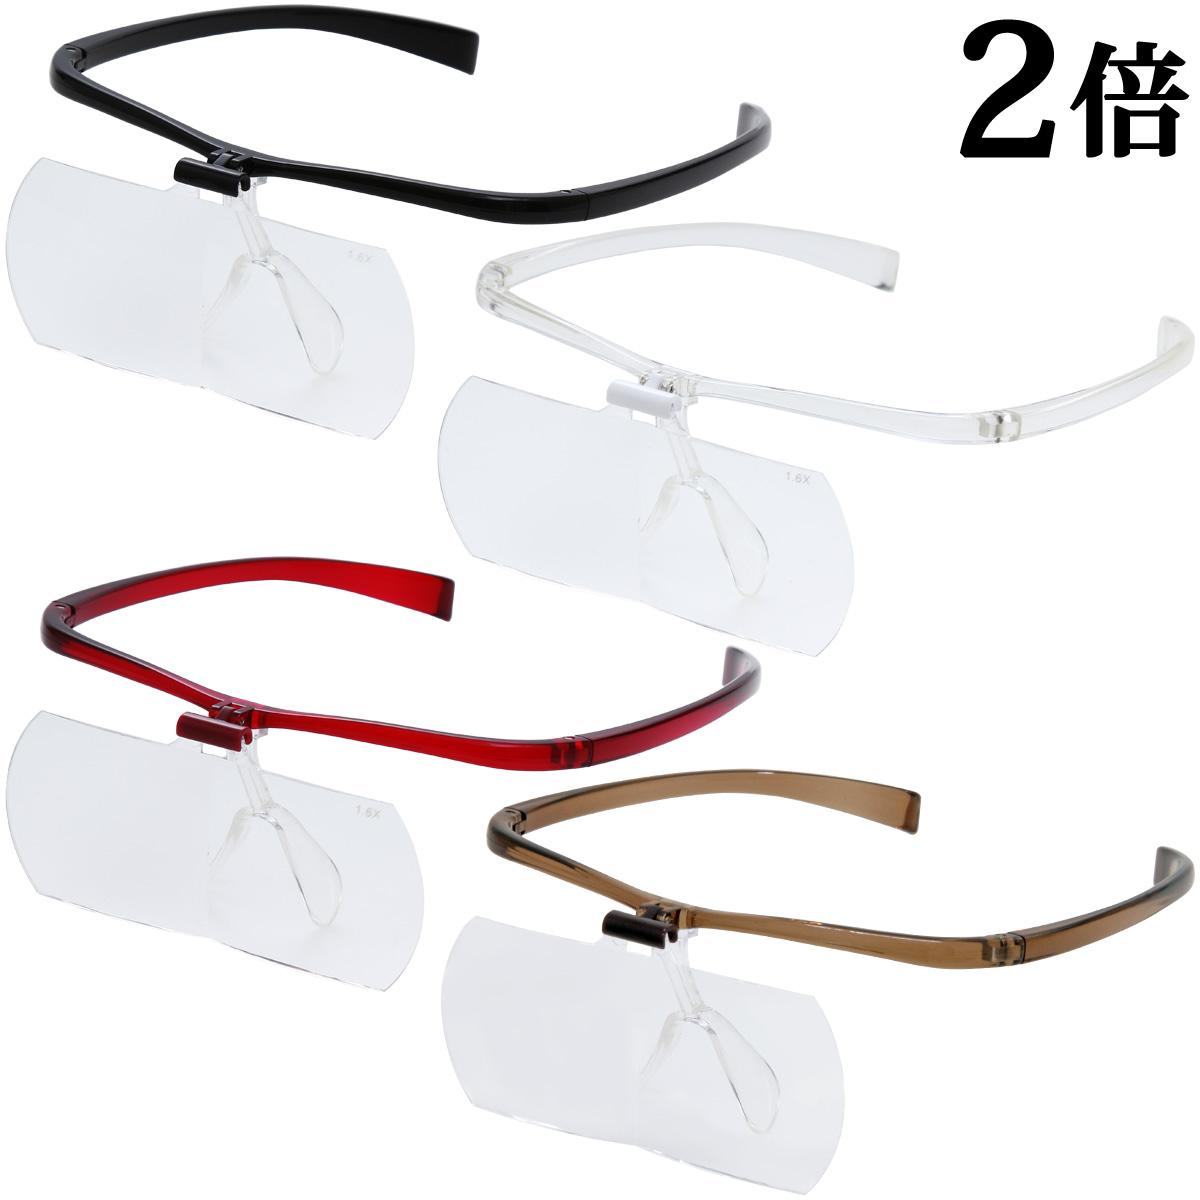 双眼メガネルーペ メガネタイプ 2倍 HF-61E メガネ型ルーペ 跳ね上げ メガネの上から クリアルーペ 手芸 拡大鏡 まつげエクステ 池田レンズ アウトレット